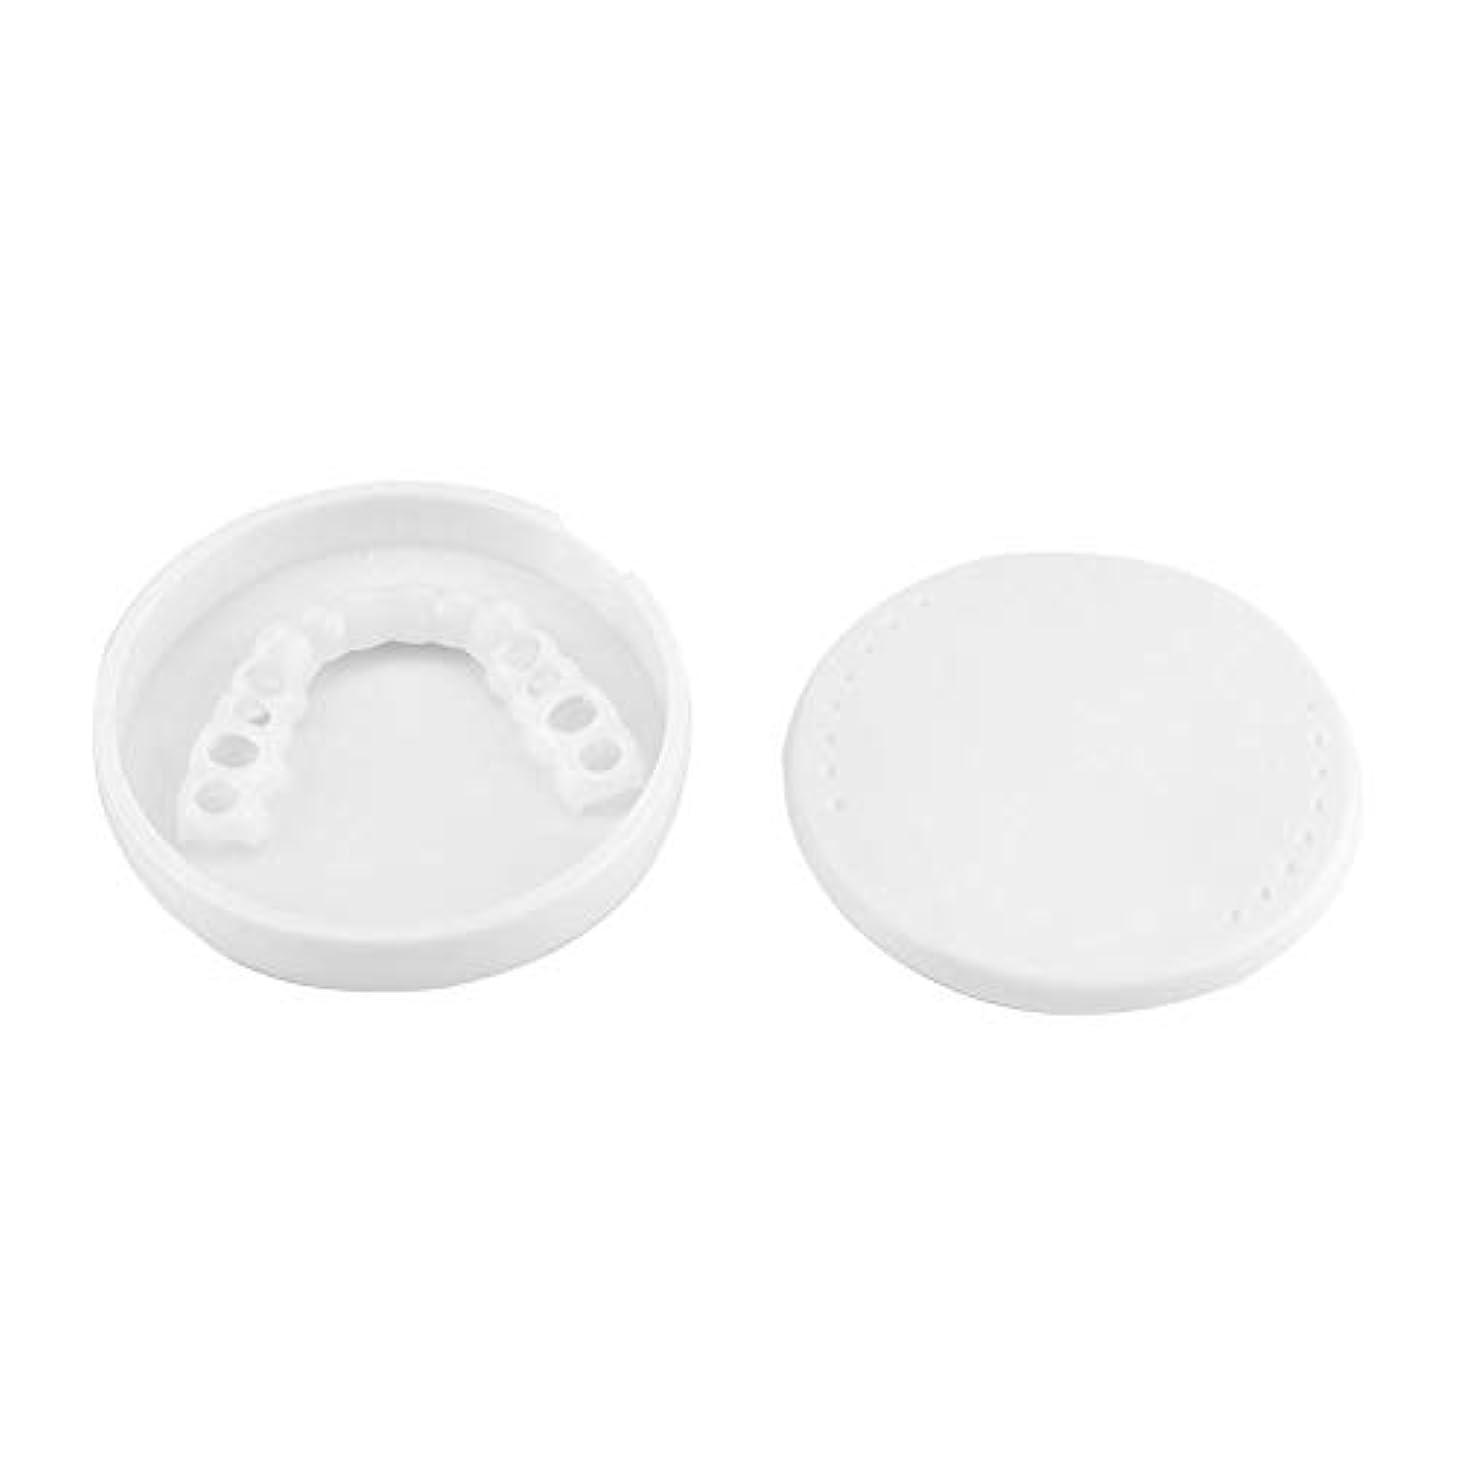 青写真援助こしょうSalinr インスタント 完璧なベニヤの歯スナップキャップを白く 一時的な化粧品歯義 歯化粧品シミュレーション 白くする歯カバー フィットフレックス歯ベニア上の歯+下歯のセット